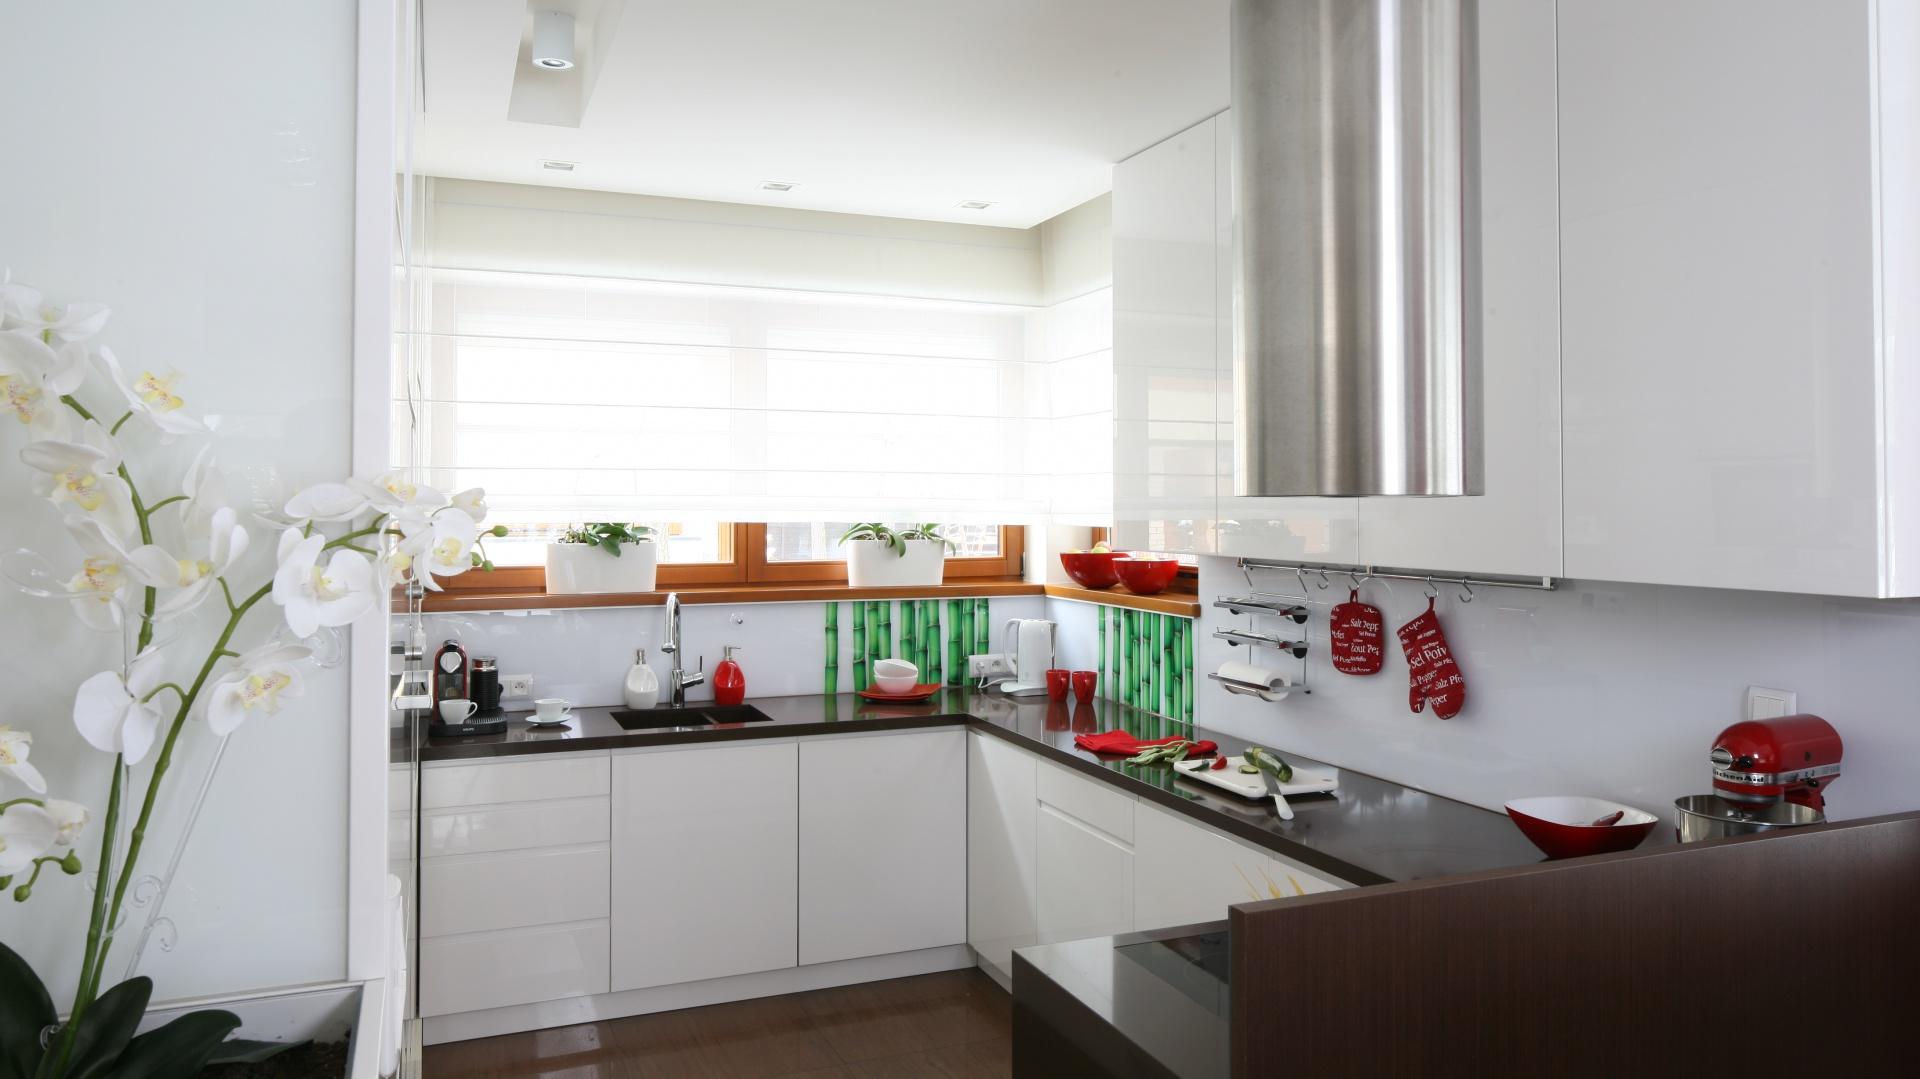 Kuchnia choć otwarta, pozostaje przysłonięta, dzięki czemu można tu swobodnie wykonywać wszelkie prace kuchenne, nawet gdy mamy gości. Projekt: Katarzyna Mikulska-Sękalska. Fot. Bartosz Jarosz.